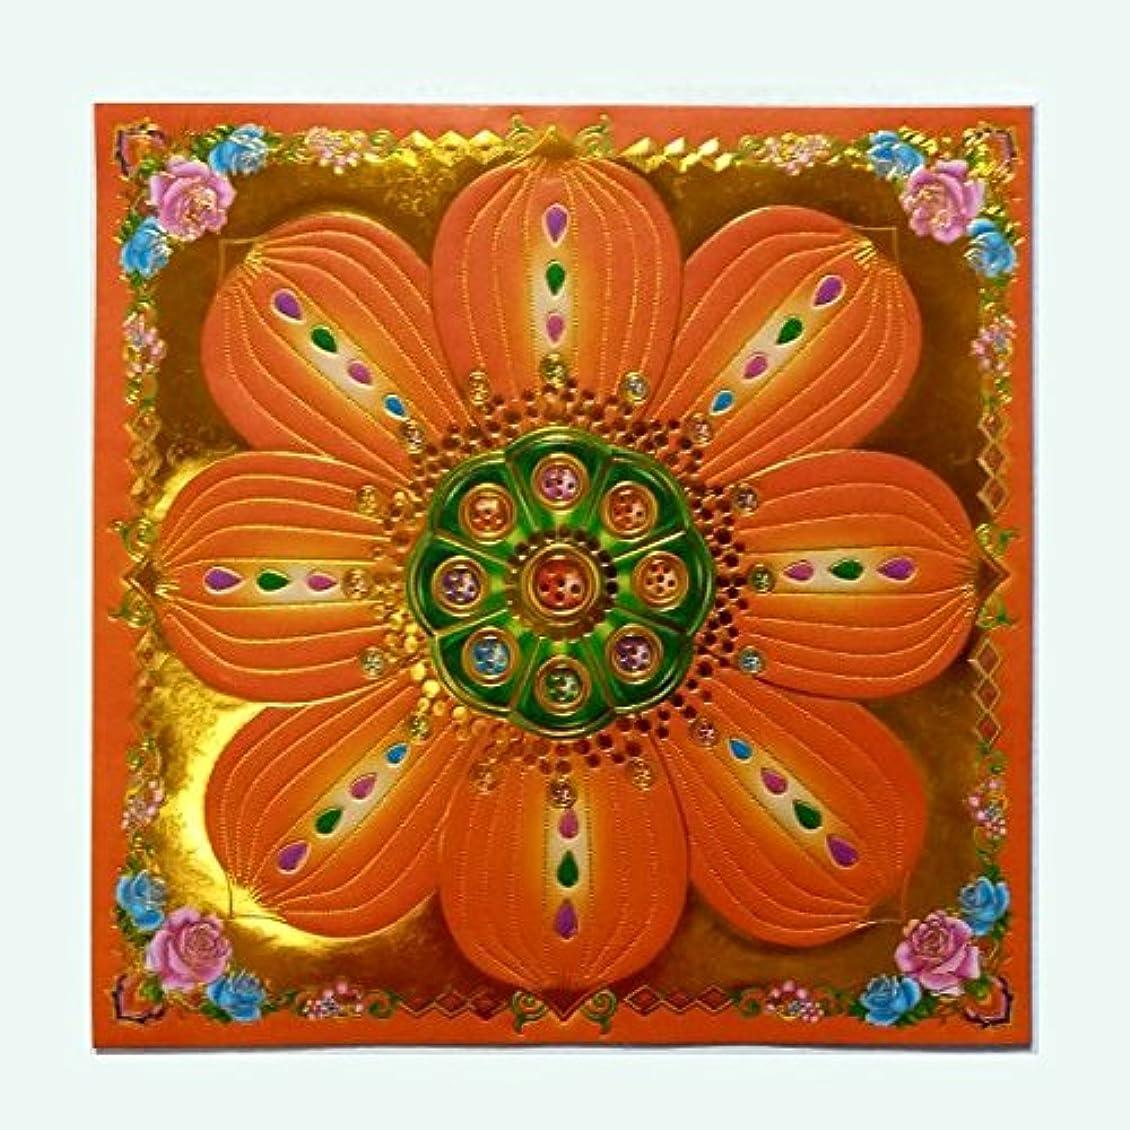 墓地おいしいもつれ40pcs Incense用紙/Joss用紙ハイグレードカラフルwithゴールドの箔Sサイズの祖先Praying 7.5インチx 7.5インチ(オレンジ)